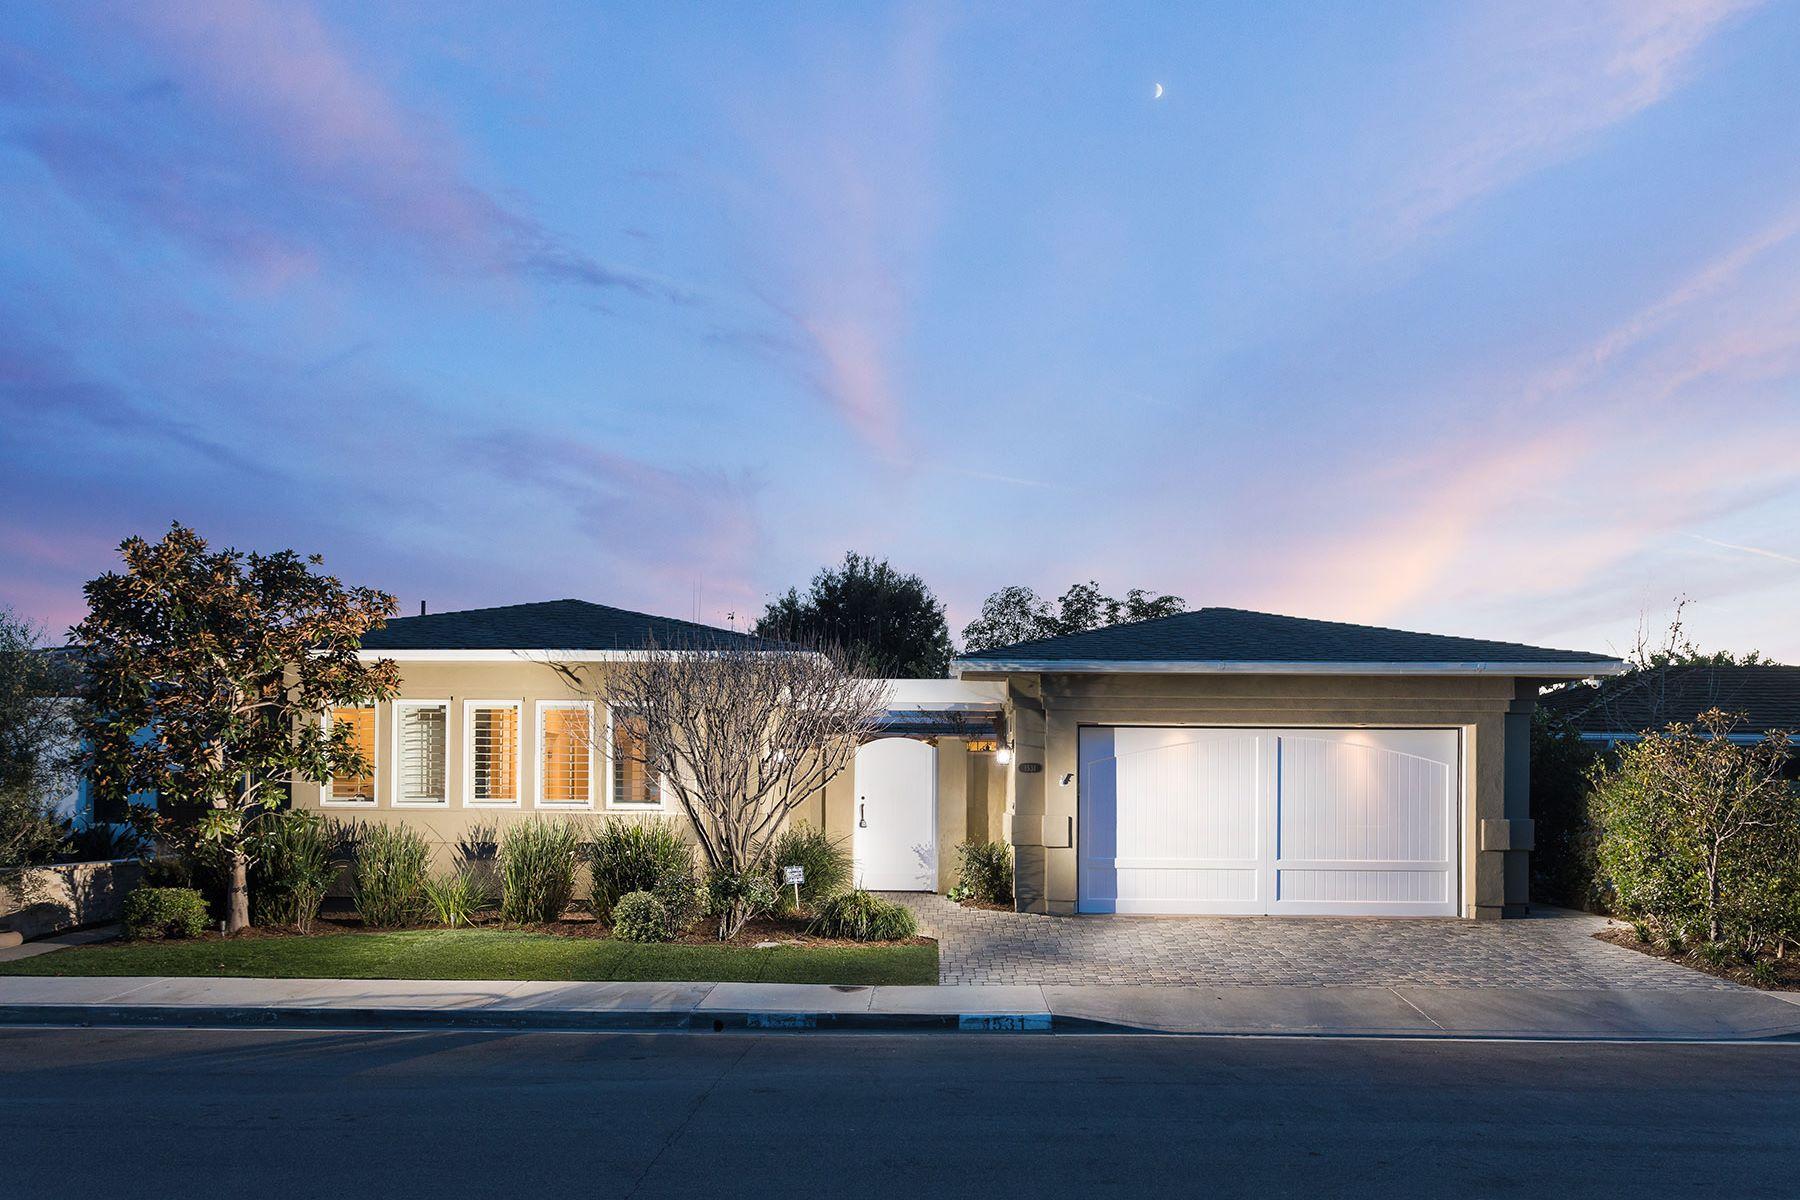 独户住宅 为 销售 在 1531 Santanella 纽波特比奇, 加利福尼亚州, 92625 美国